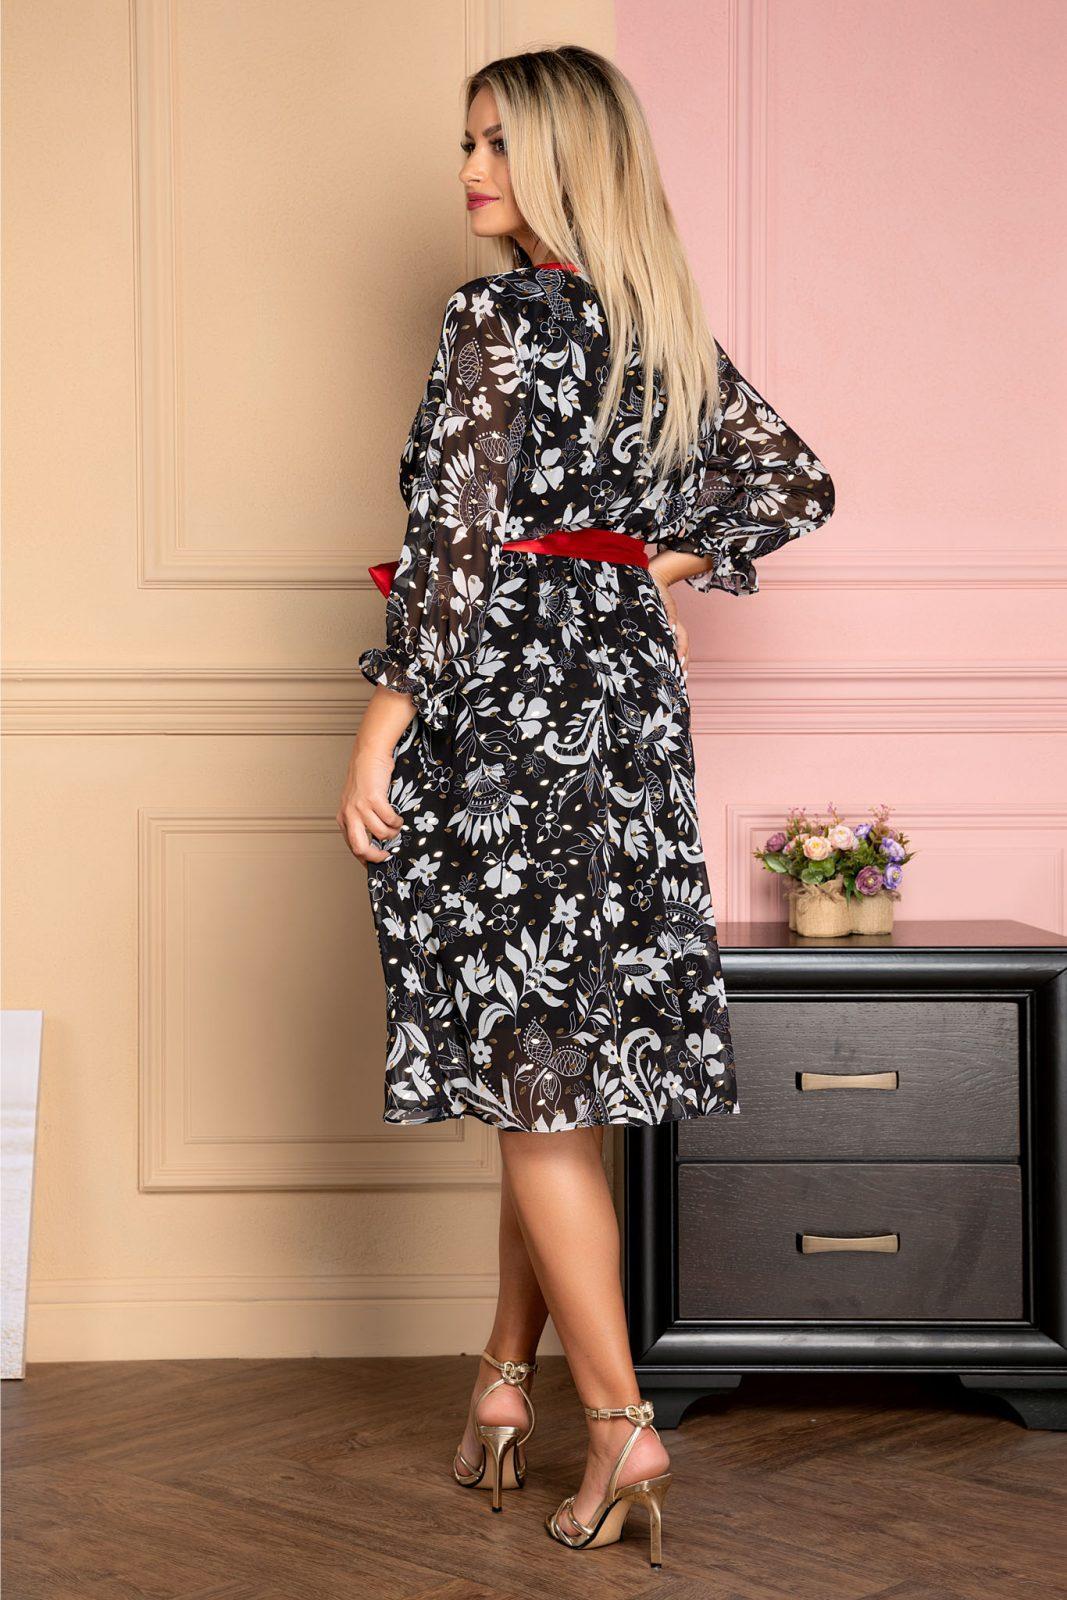 Μαύρο Φόρεμα Με Κόκκινη Ζώνη Giully 8023